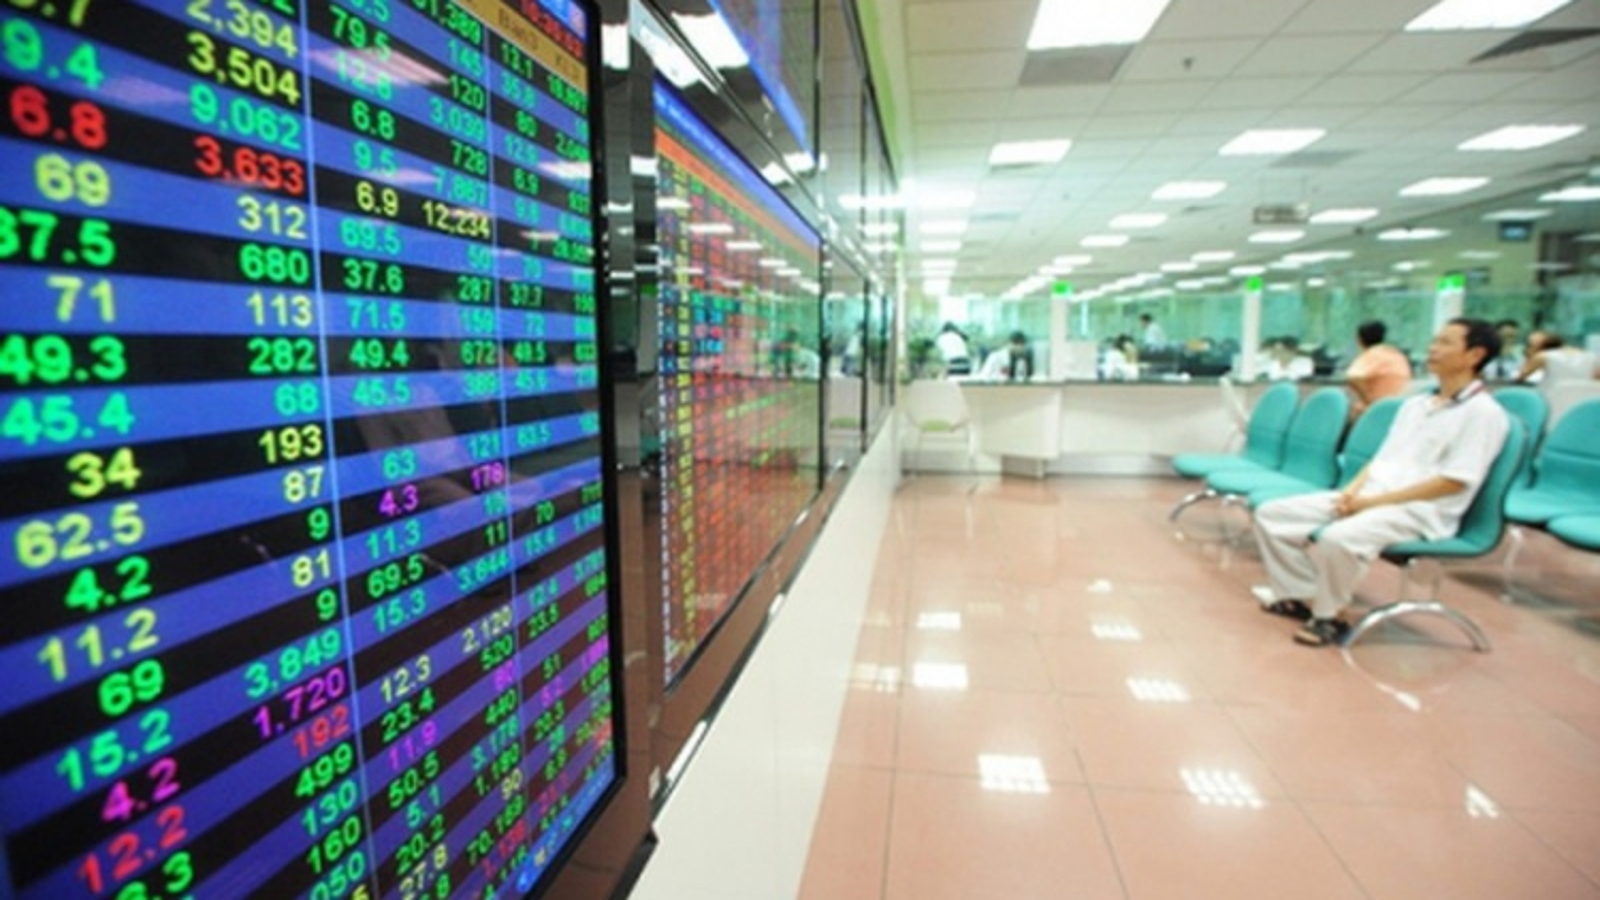 Thị trường chứng khoán sẽ điều chỉnh vào đầu tuần và có thể hồi phục về cuối tuần